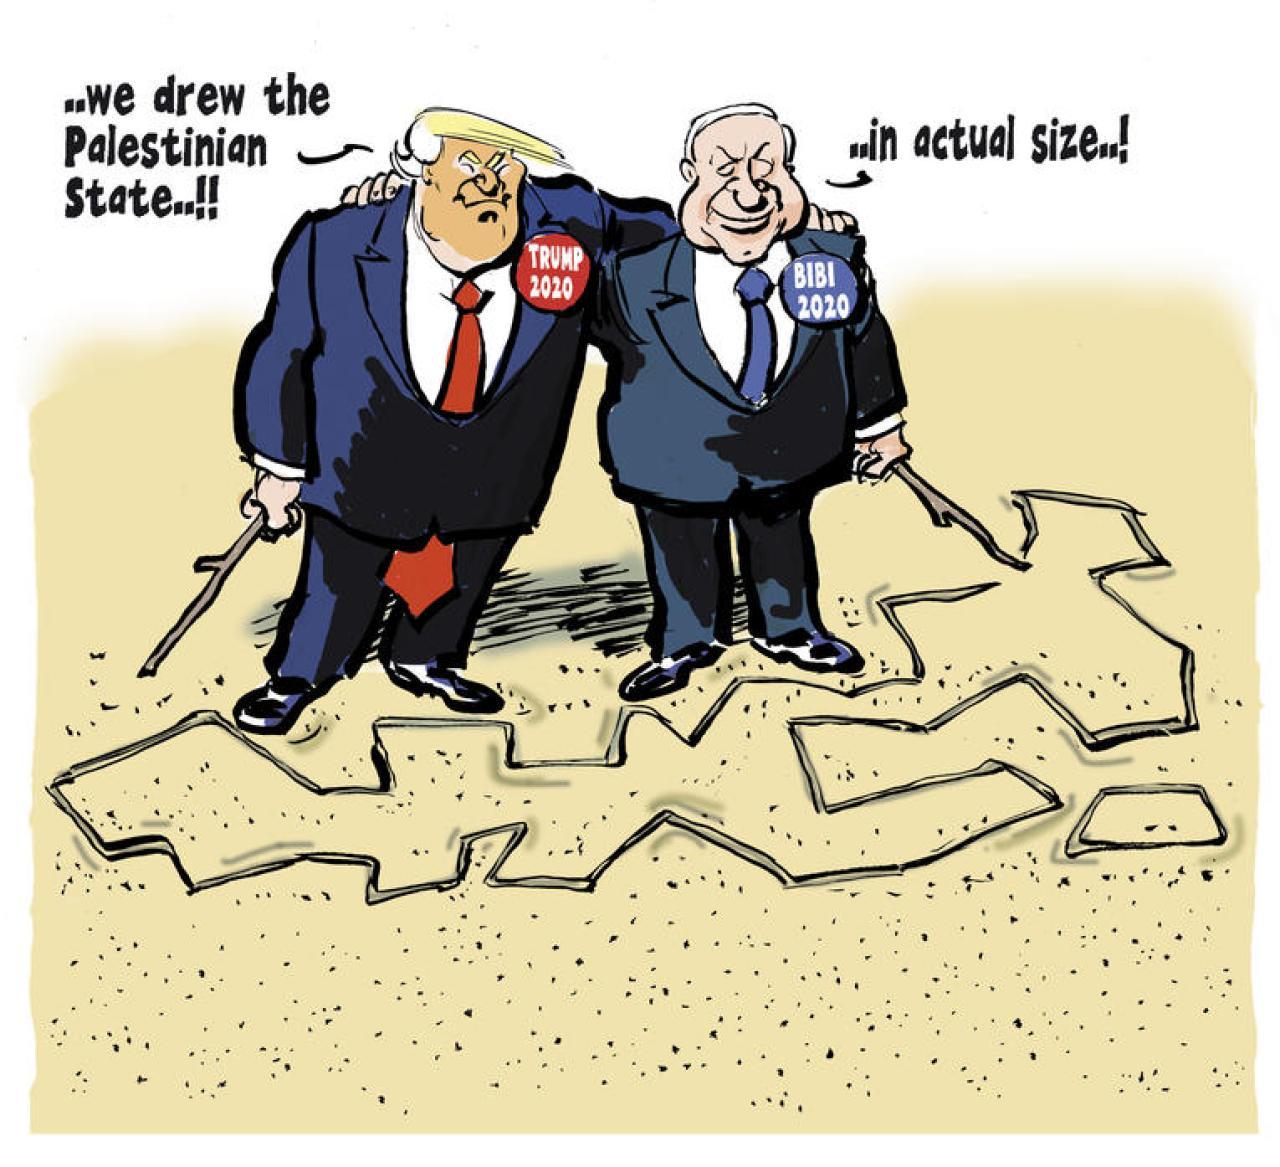 """Donald Trump: """"Nous avons dessiné l'État palestinien…"""" Benyamin Nétanyahou: """"… grandeur nature!"""" Dessin de Tom paru dans Trouw, Amsterdam"""